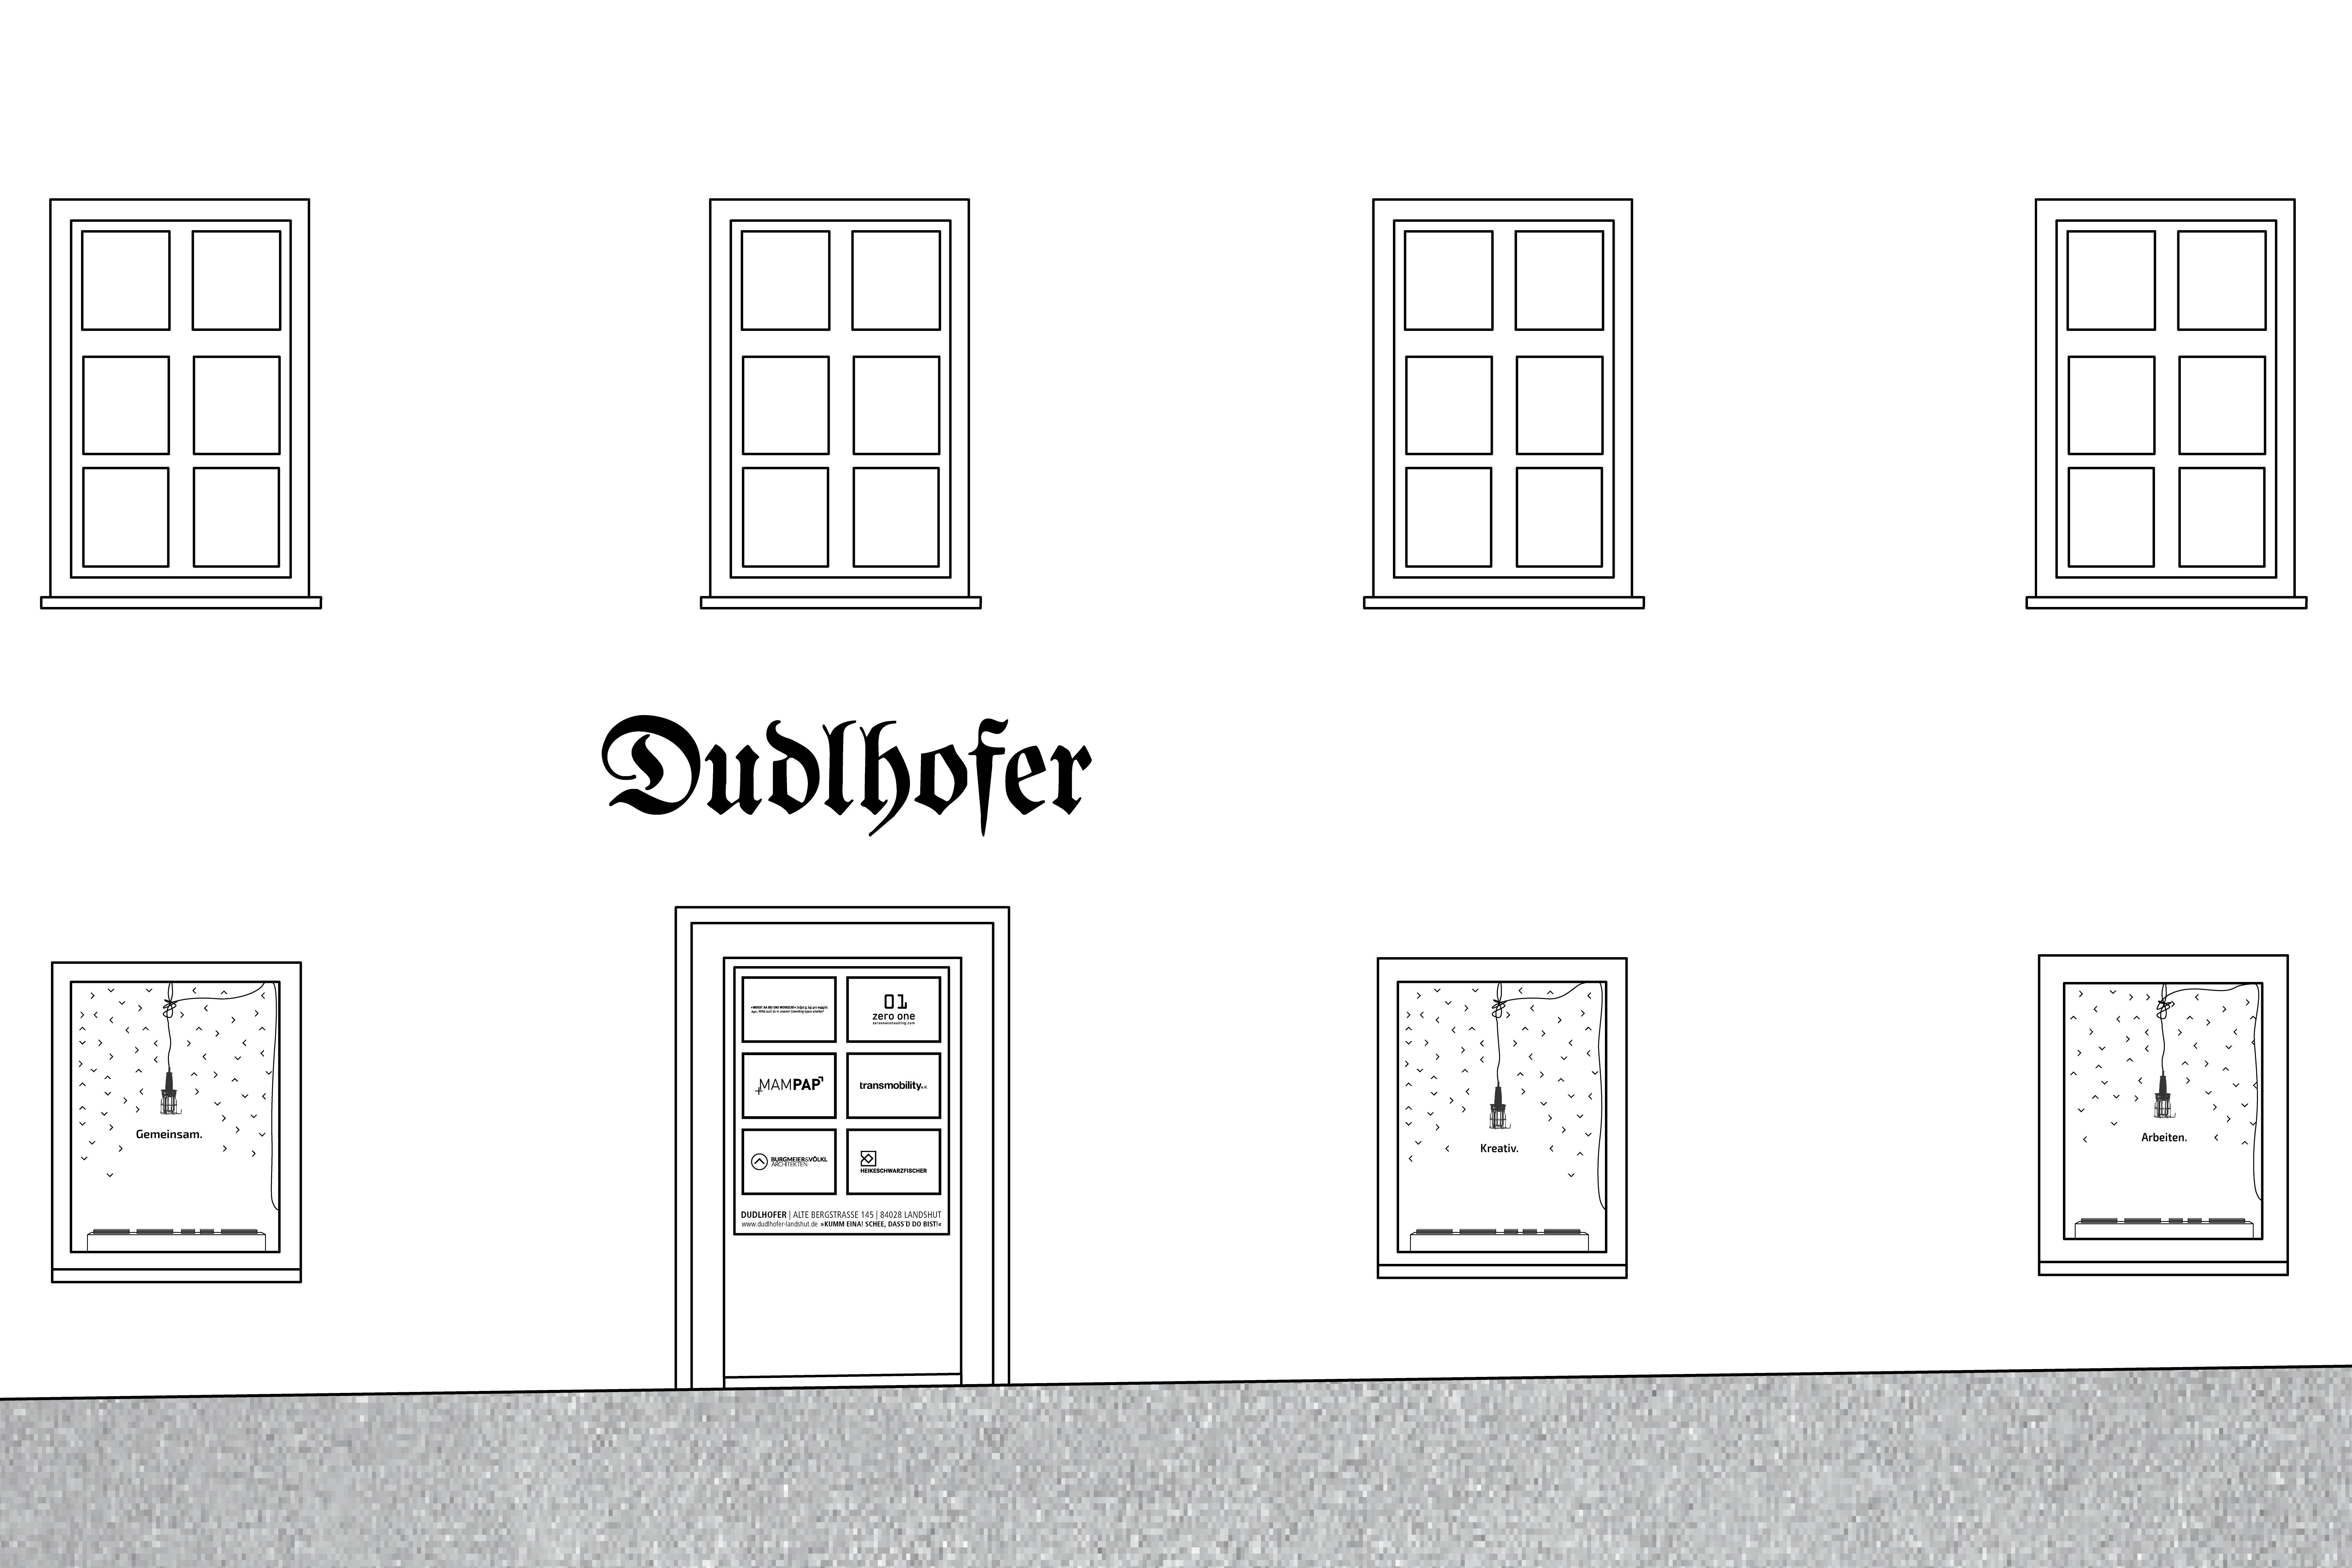 Dudlhofer Coworking Landshut Dreifaltigkeitsplatz Schaufenster Gestaltung Visual Design Storefront